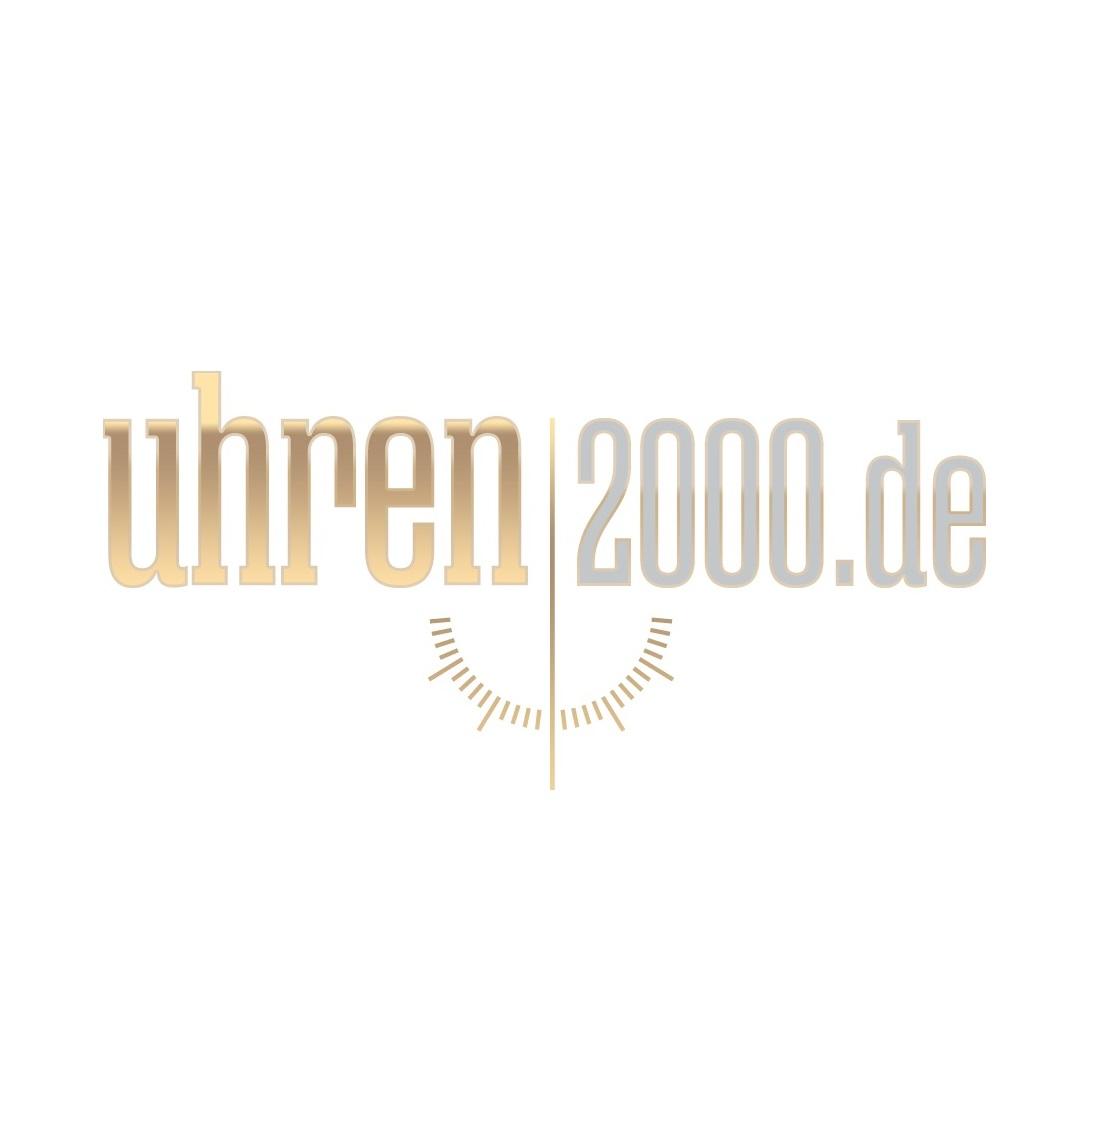 Uhren2000 - MondaniWeb